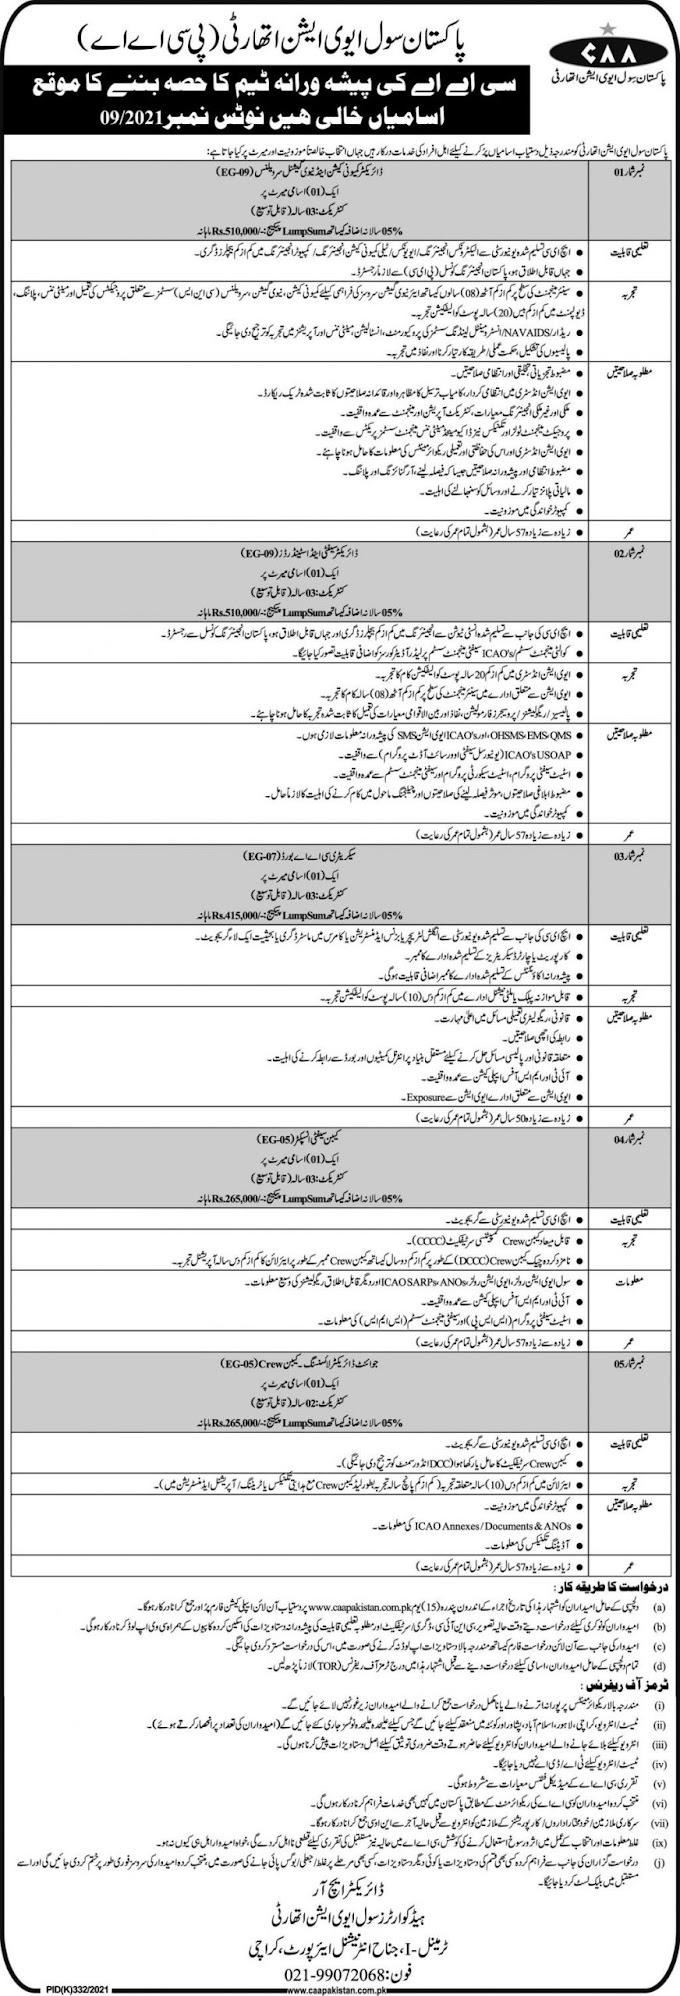 PCAA Pakistan Civil Aviation Authority Jobs 2021   Pak New Jobs